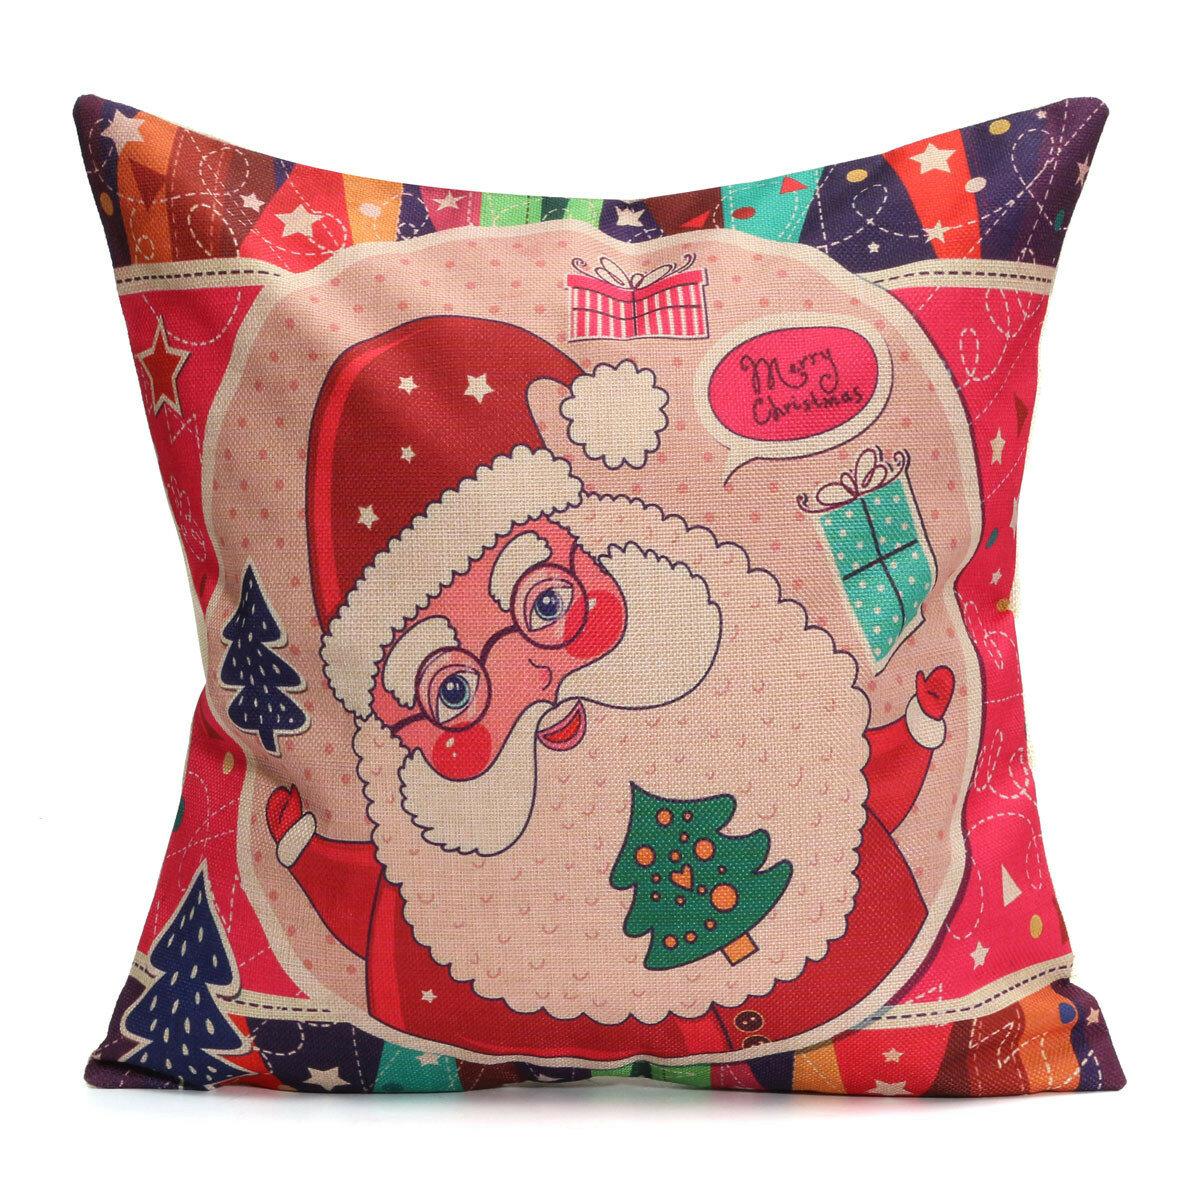 Christmas Santa Cotton Linen Pillow Case Cushion Cover